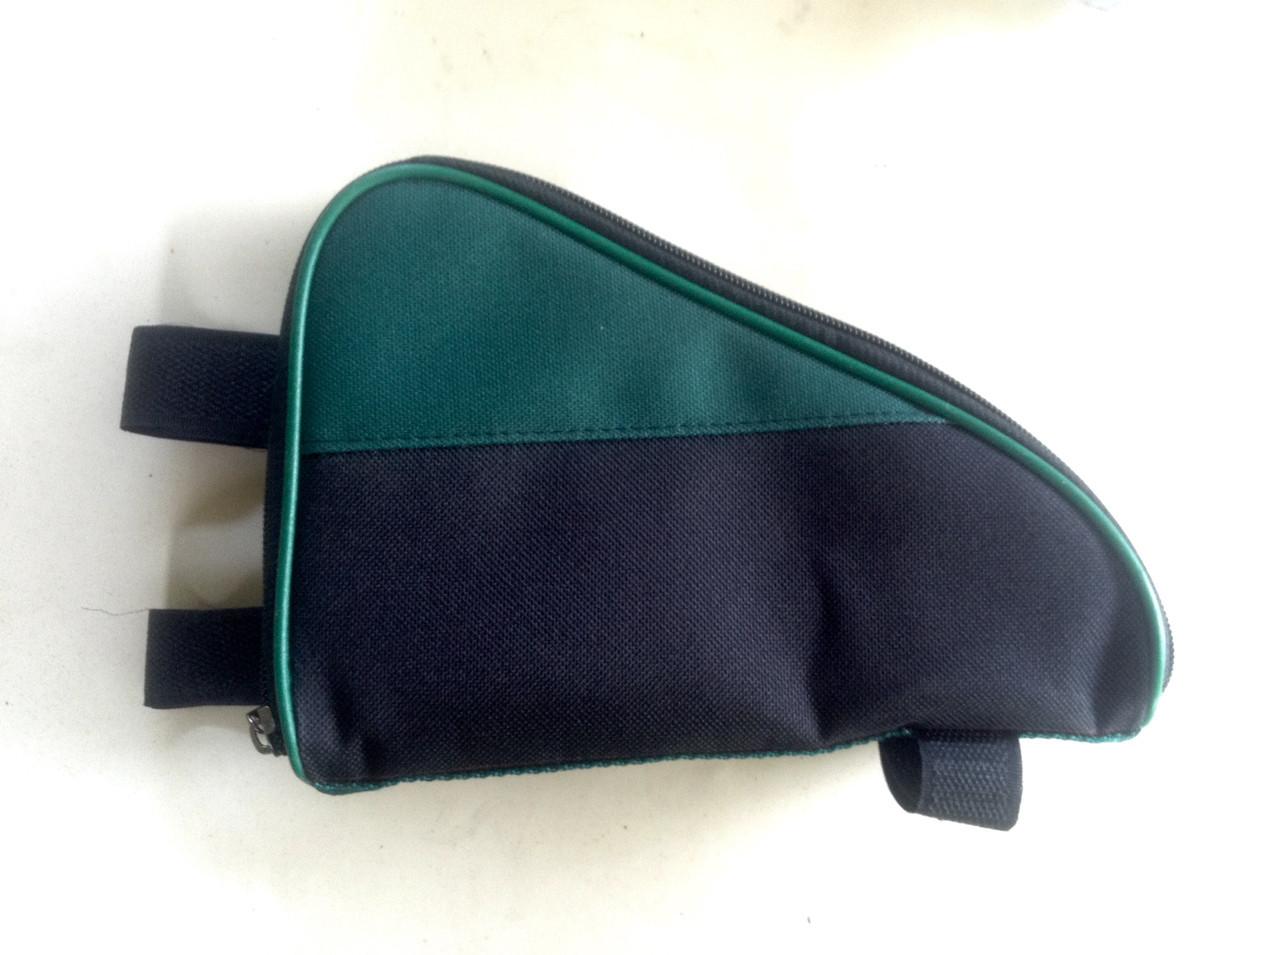 Cумка универсальная, с зеленой вставкой